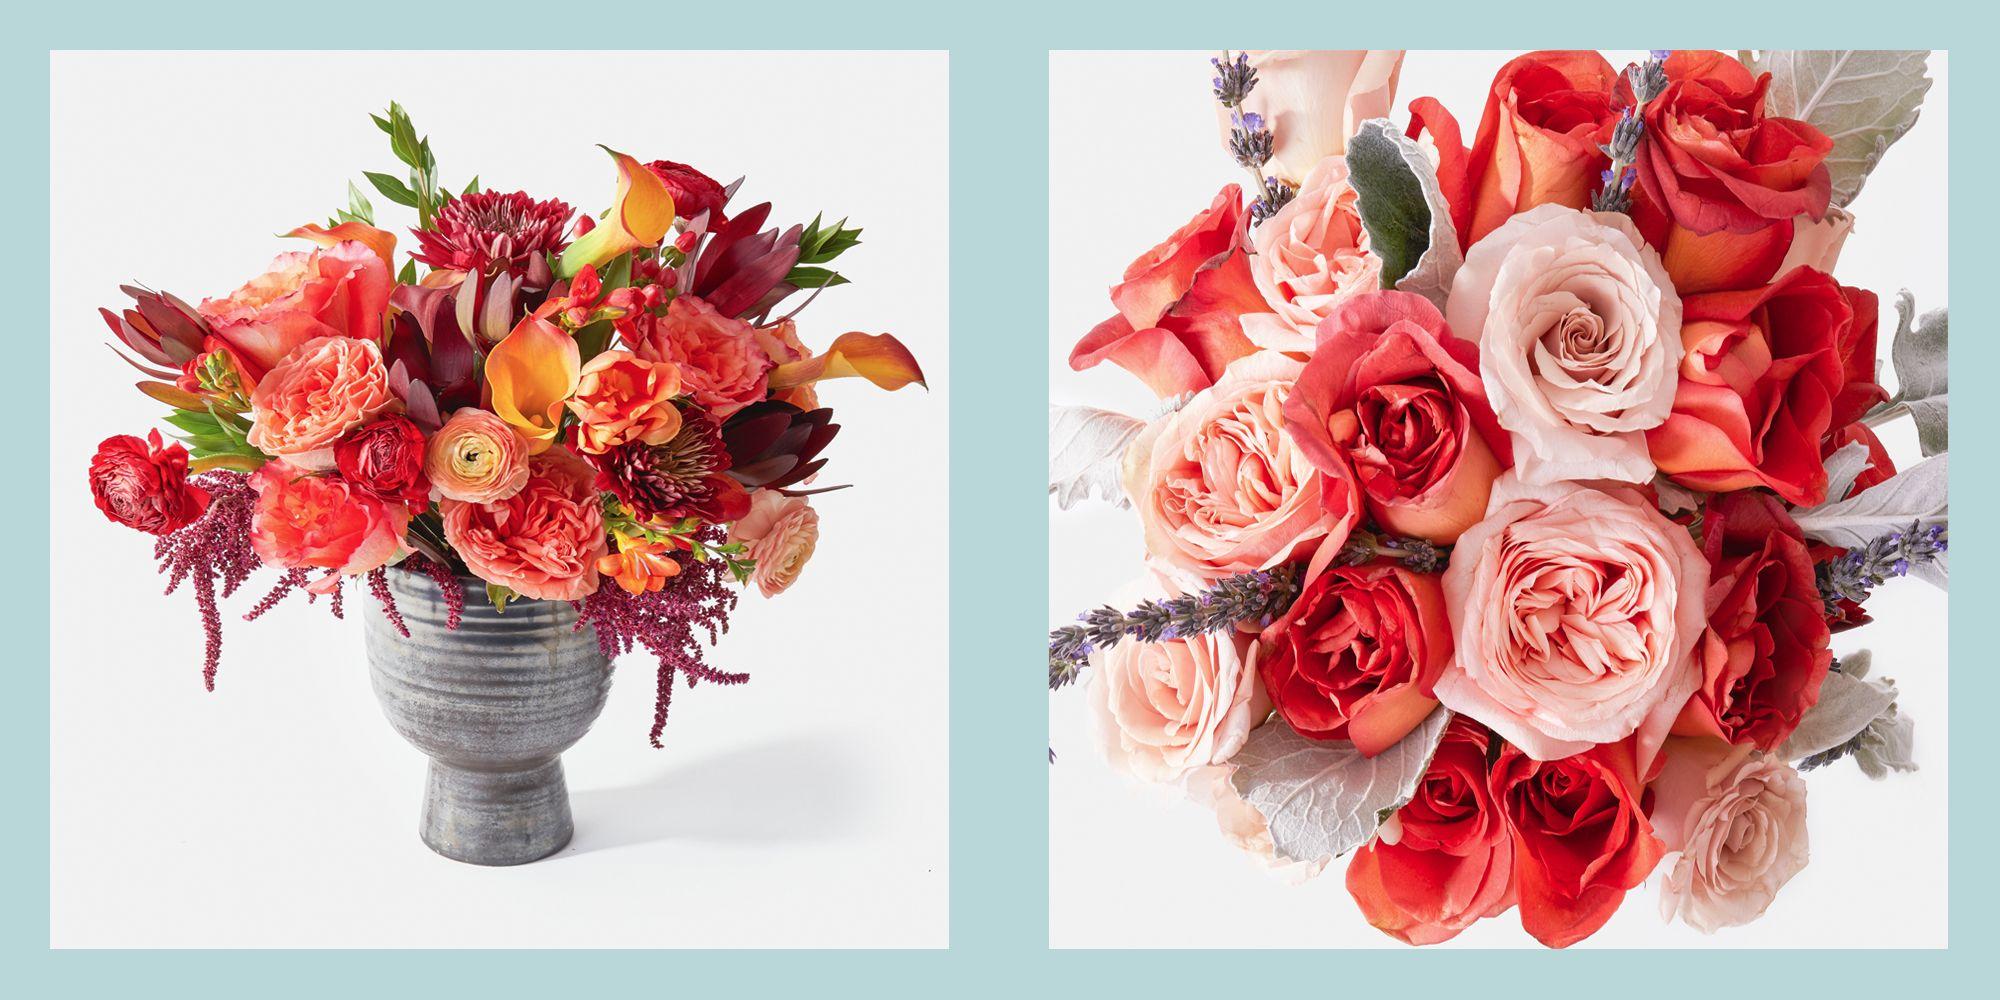 Gorgeous Fall Floral Arrangements Pretty Autumn Floral Arranging Ideas